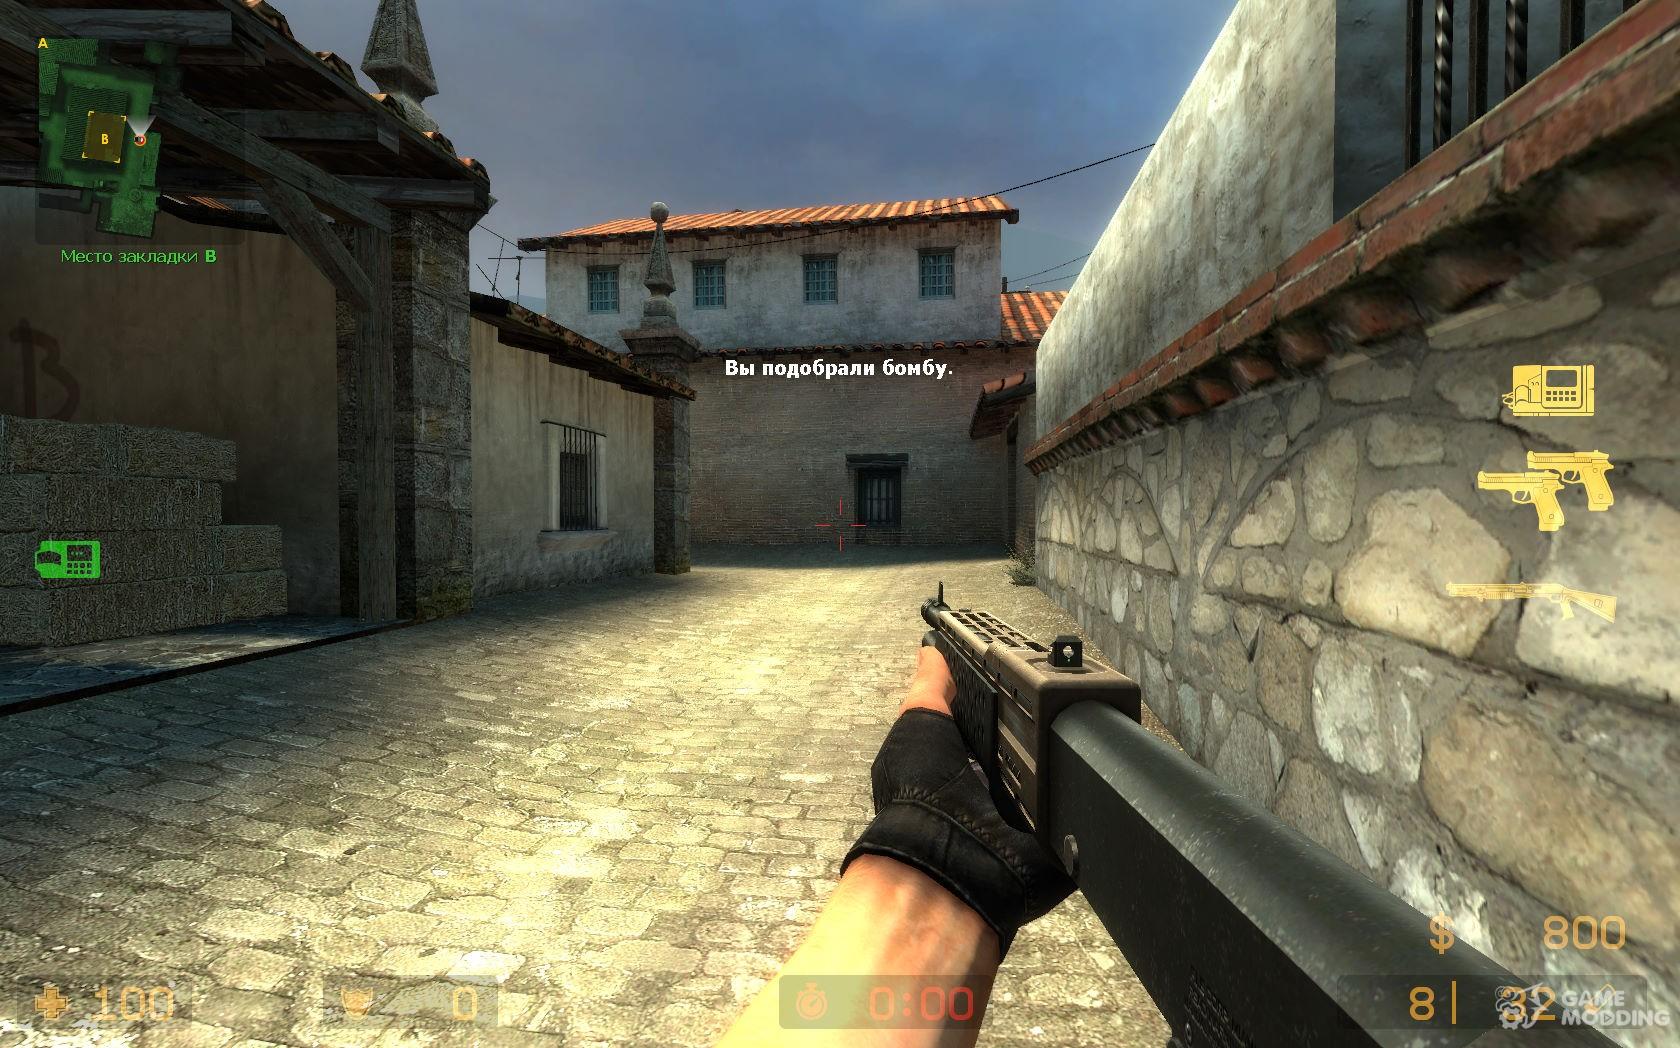 SPAS-12 | Call of Duty Wiki | FANDOM powered by Wikia